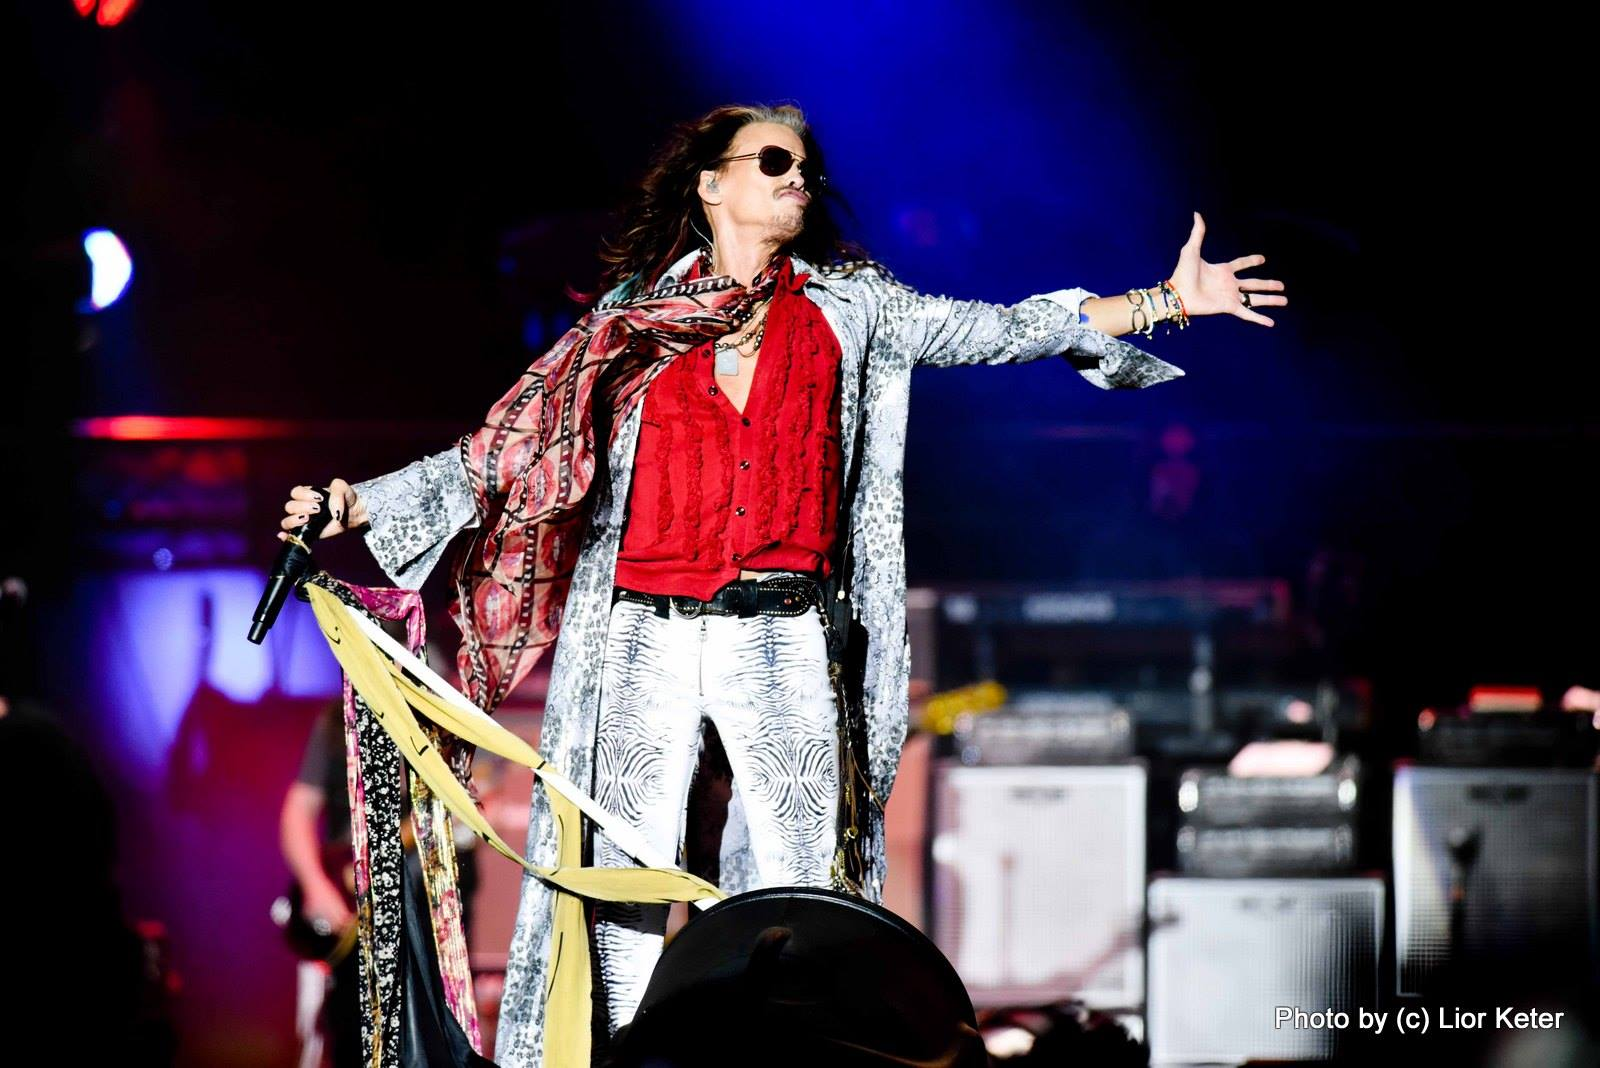 מתוך המופע של להקת אירוסמית' בפארק הירקון, רביעי, 17.05.2017. צילום: ליאור כתר